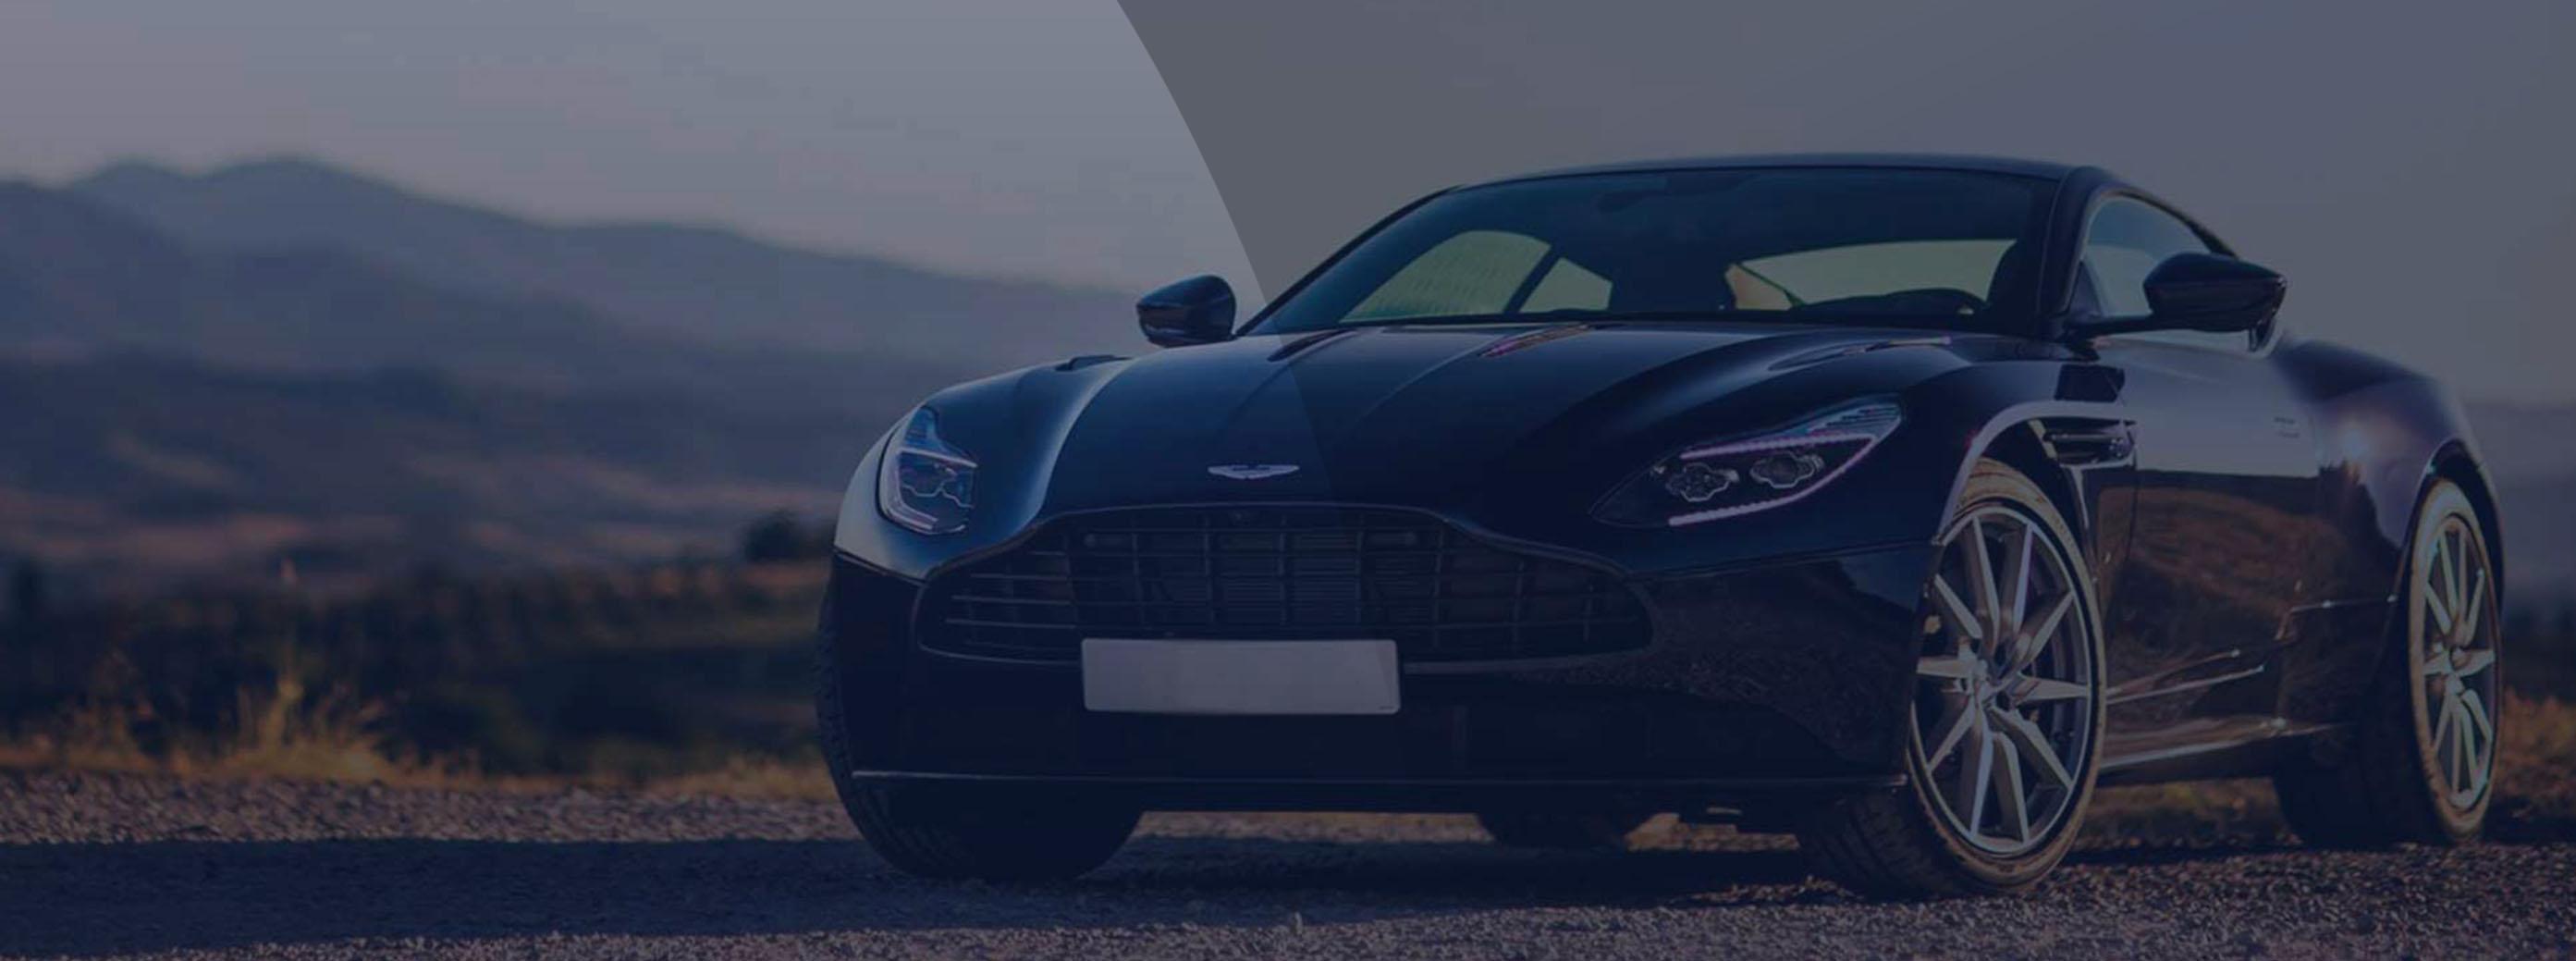 <span>Leasing de véhicules d'exception</span><br />Leader du leasing sur-mesure<br />de véhicules de luxe de seconde main<br /><br /><a class='btn-orange' href='https://www.annonces-automobile.com/pro/site/2414/tout-savoir-du-leasing-d-automobiles-haut-de-gamme-155'>Découvrez le leasing</a><a class='btn-blue' href='https://www.annonces-automobile.com/pro/site/2414/leasing'>Notre stock disponible</a>